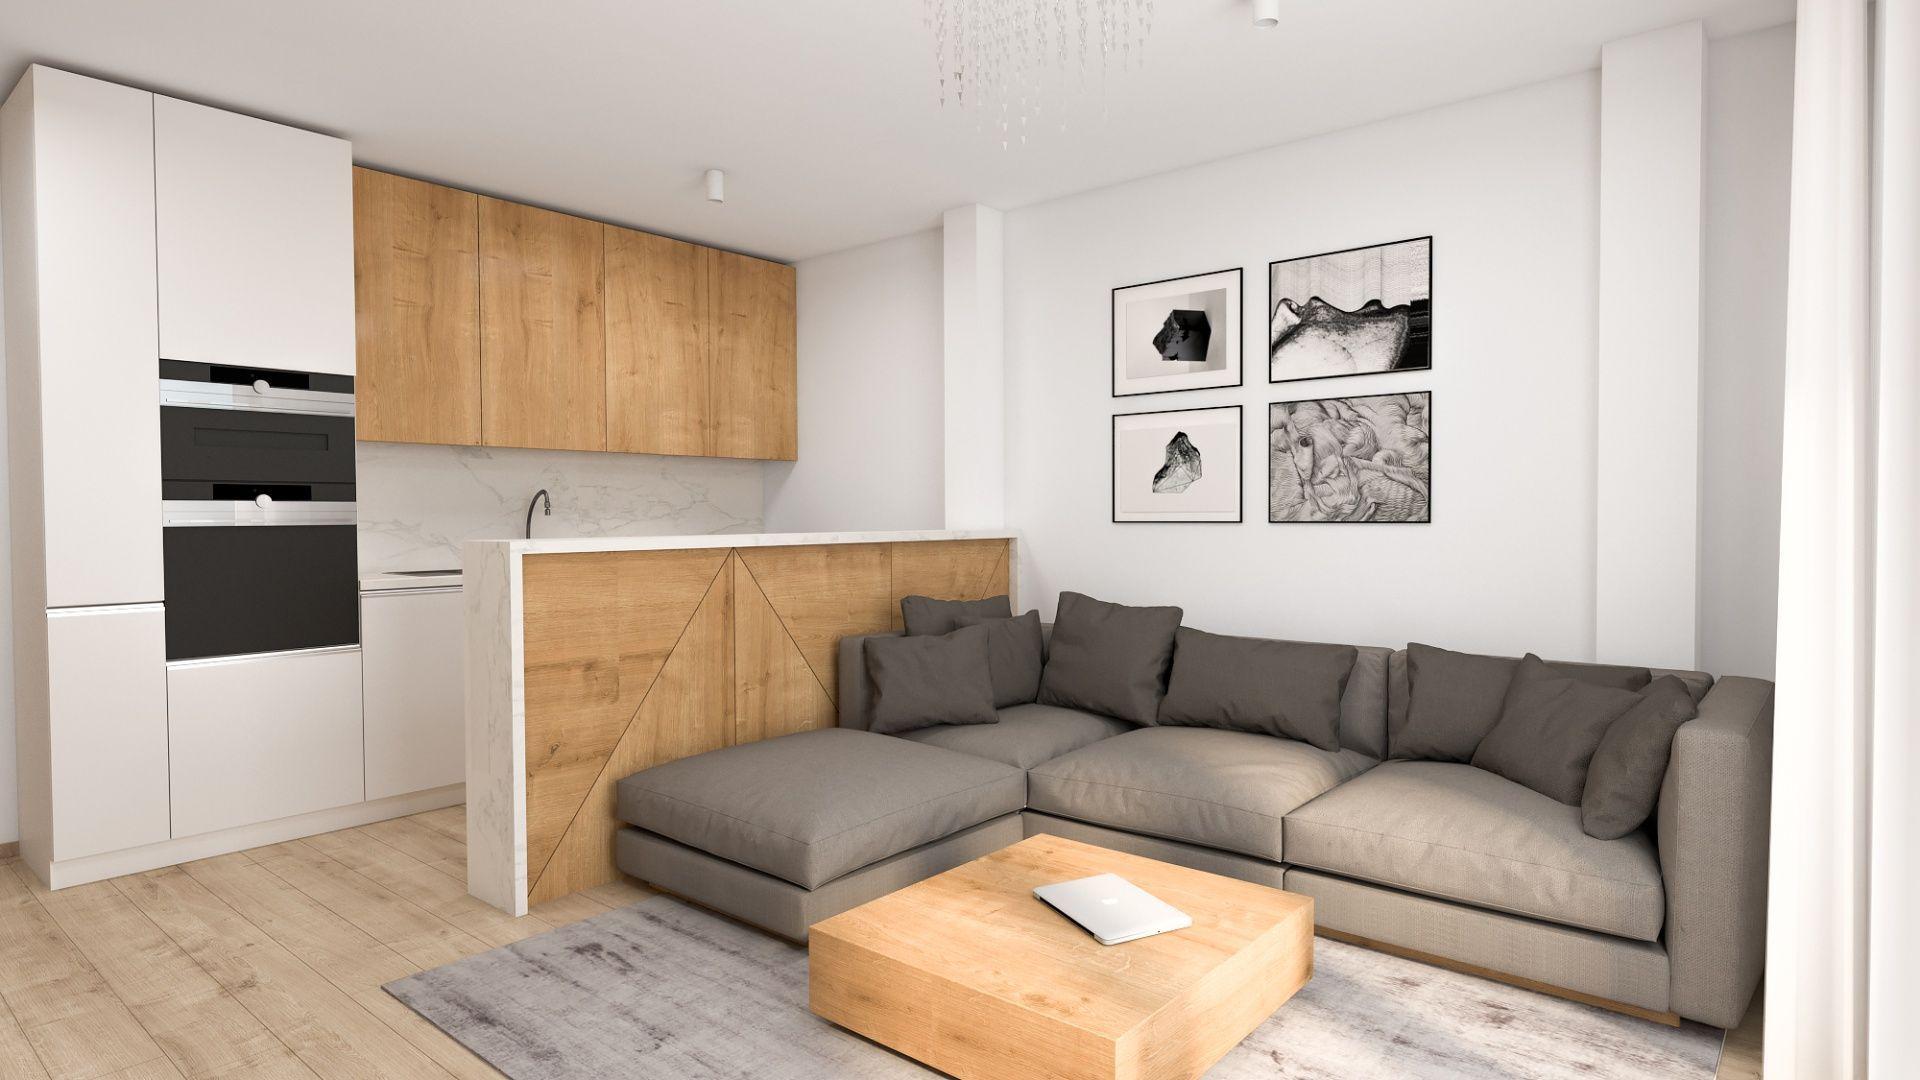 REZERVOVANÉ 2-izbový byt s 2 lodžiami, Spišská Nová Ves - 1